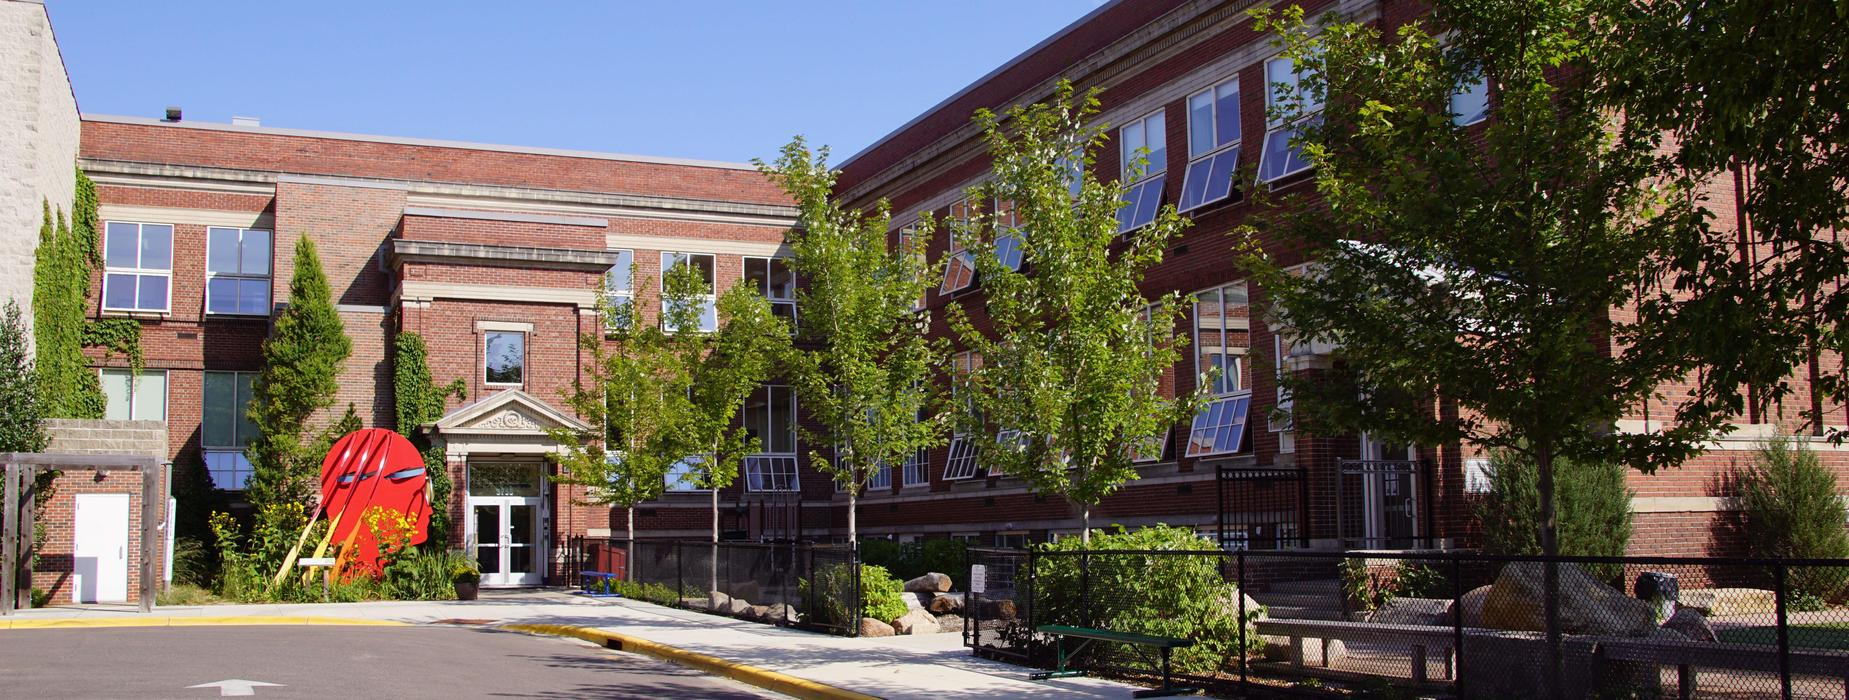 LCS Urban Campus